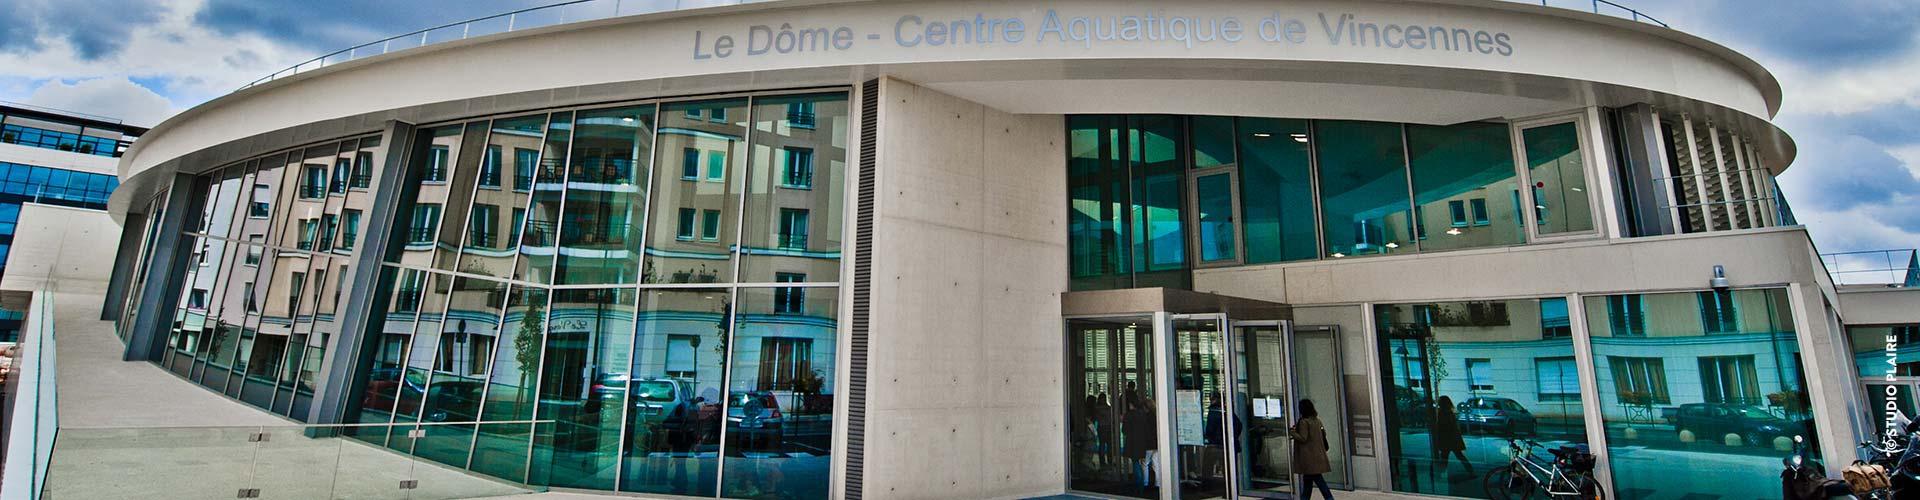 Centre Aquatique   Ville De Vincennes encequiconcerne Piscine Vincennes